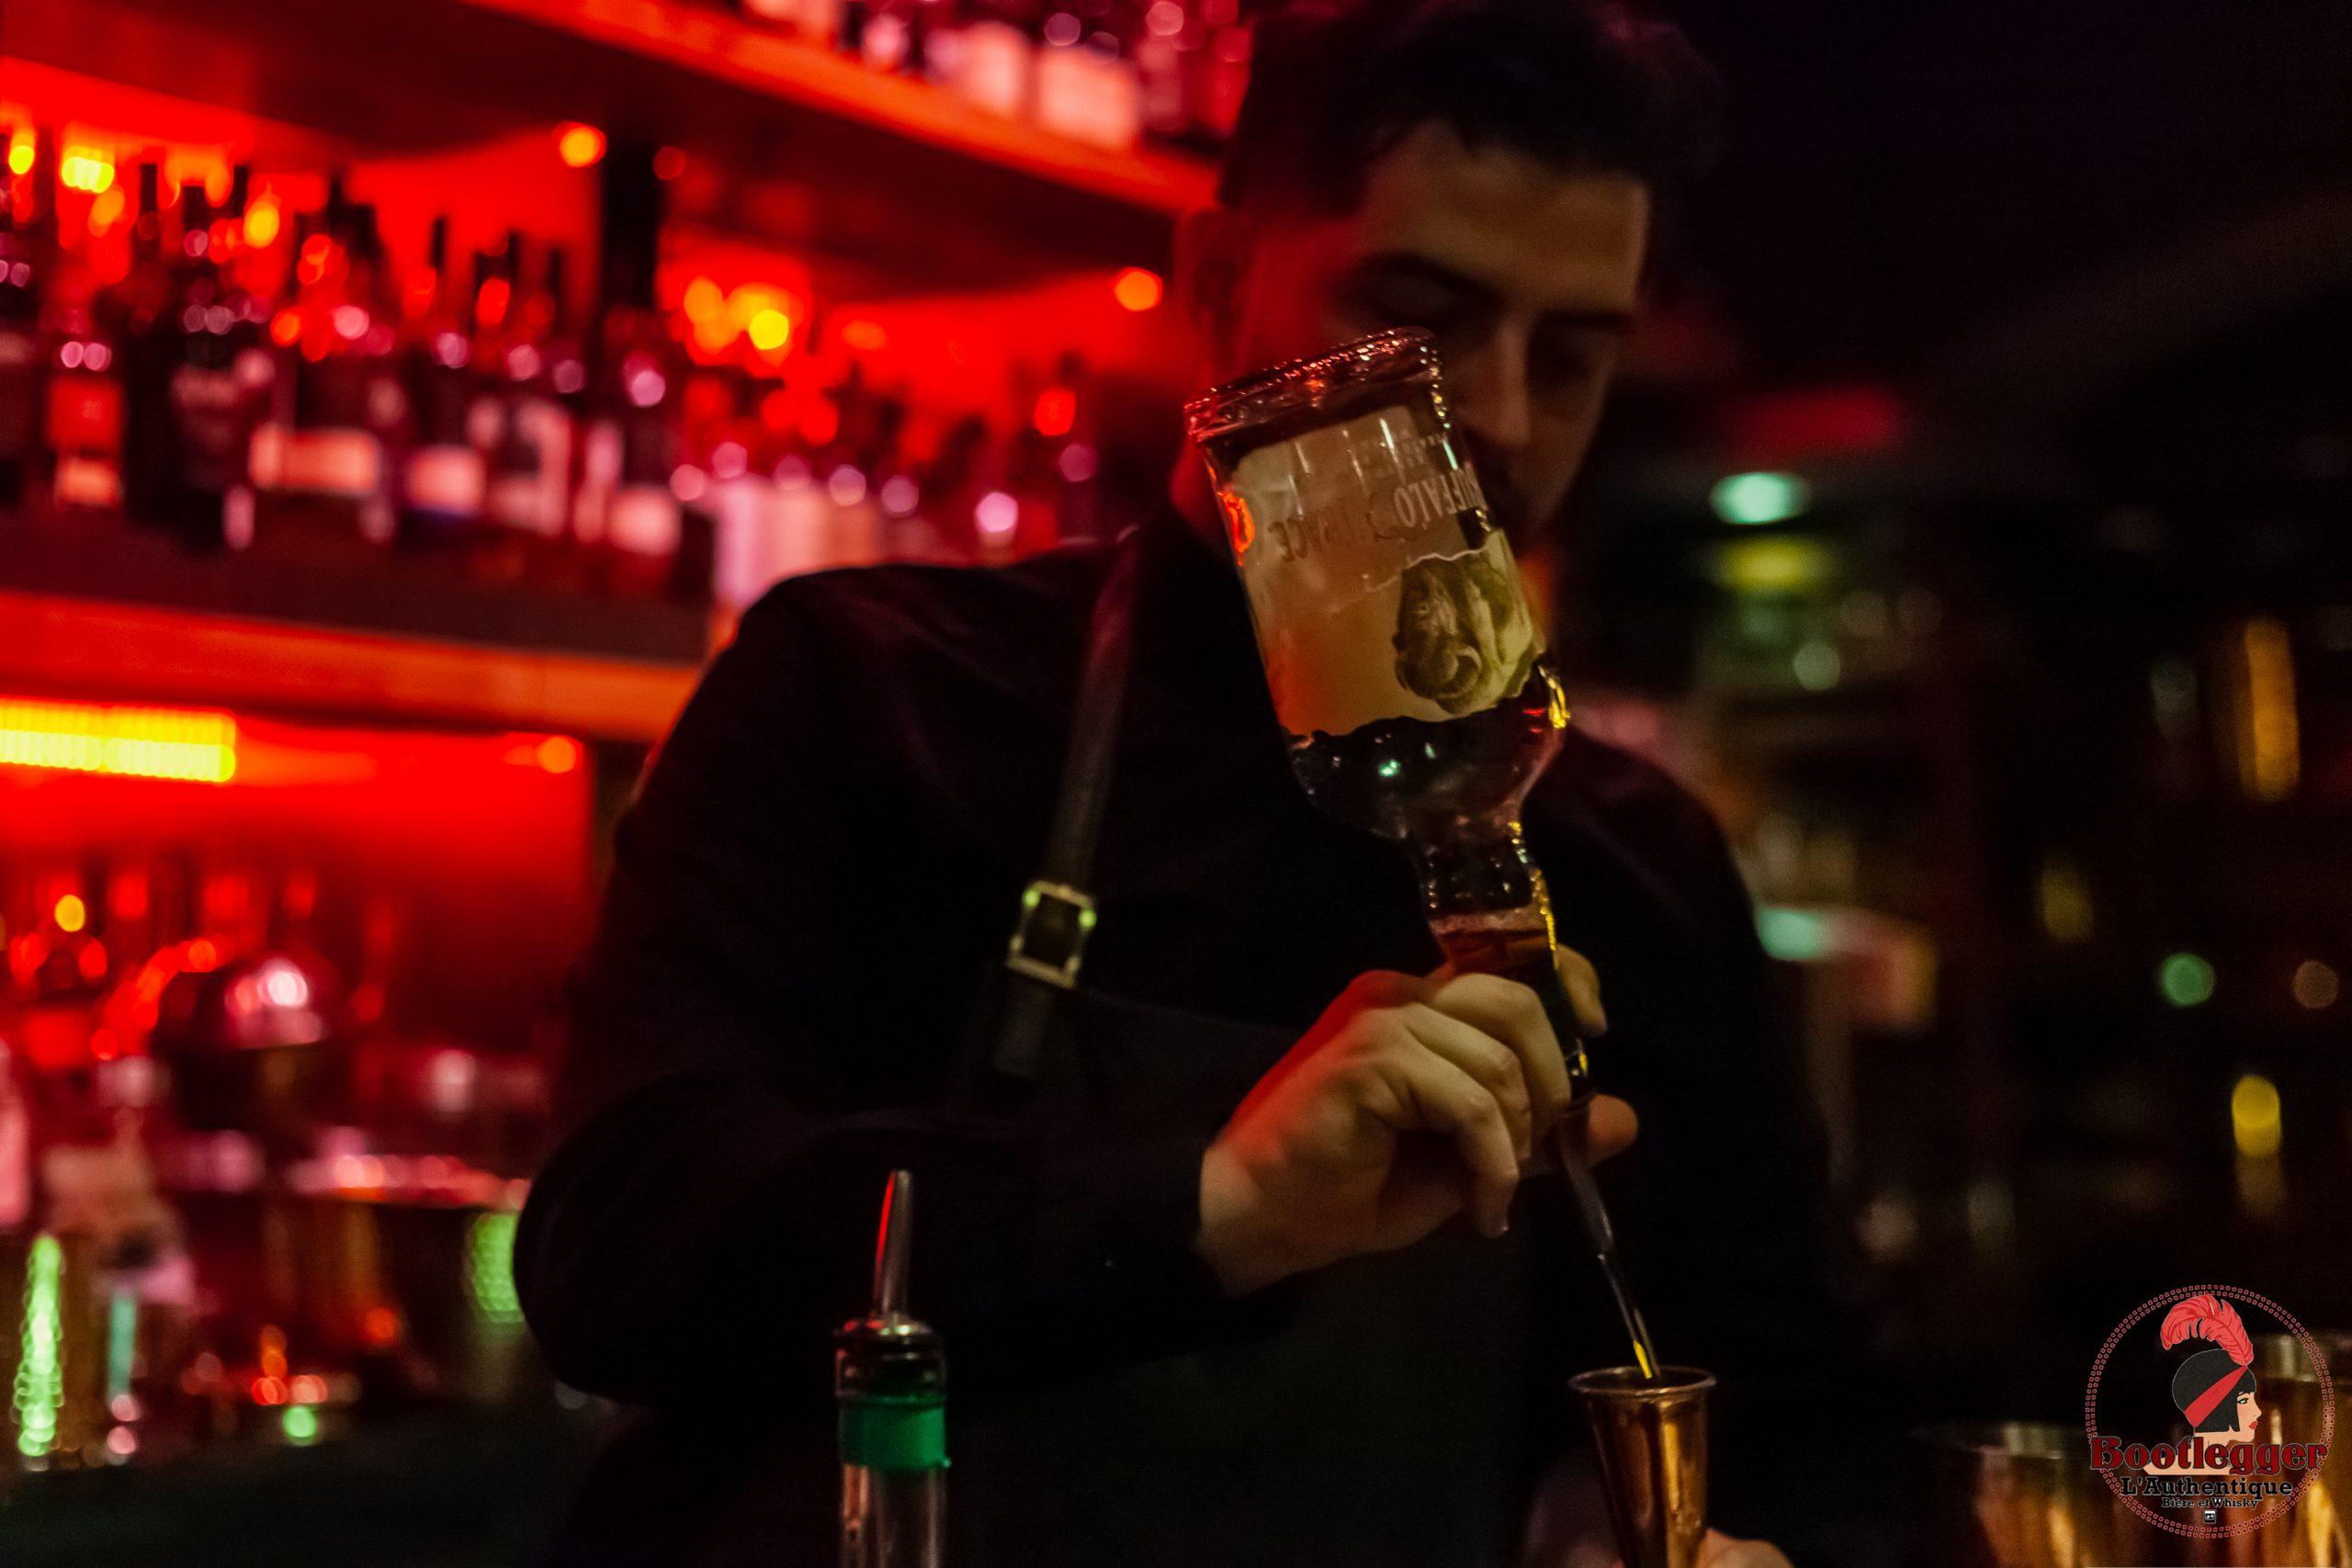 Christ Desjardins Bartender bootlegger montreal